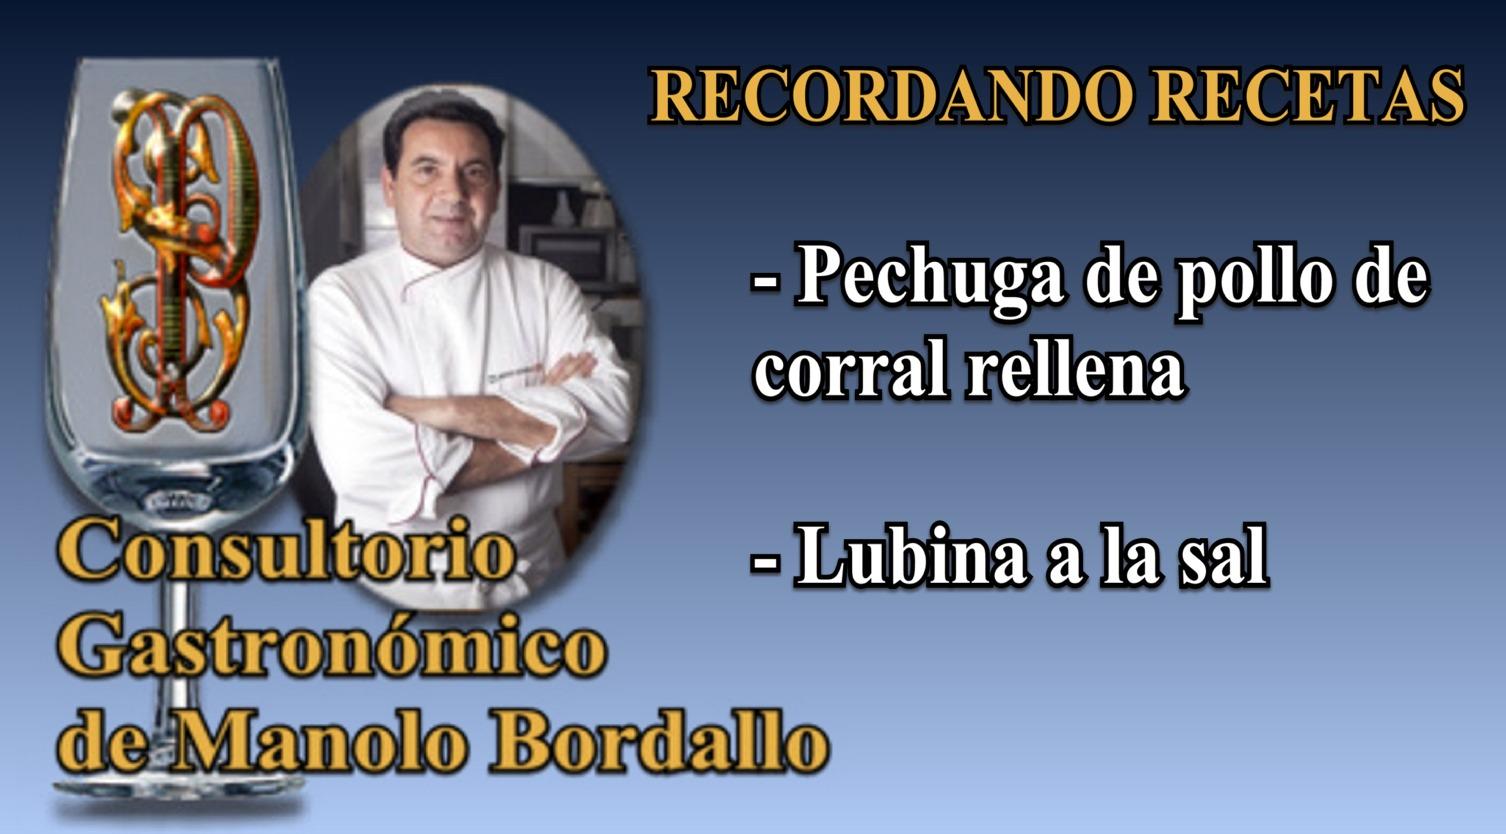 recordando-recetas-del-consultorio-gastronomico-de-manolo-bordallo-03